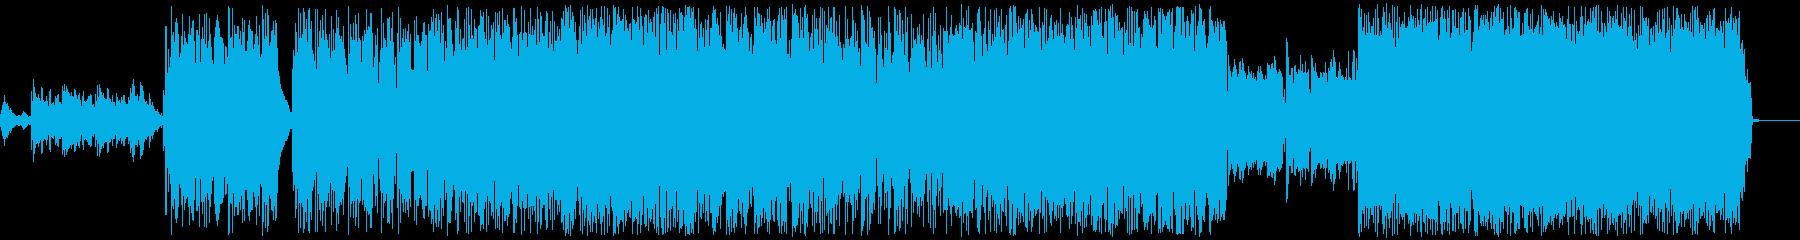 大人のドラマチックファンクバラードの再生済みの波形